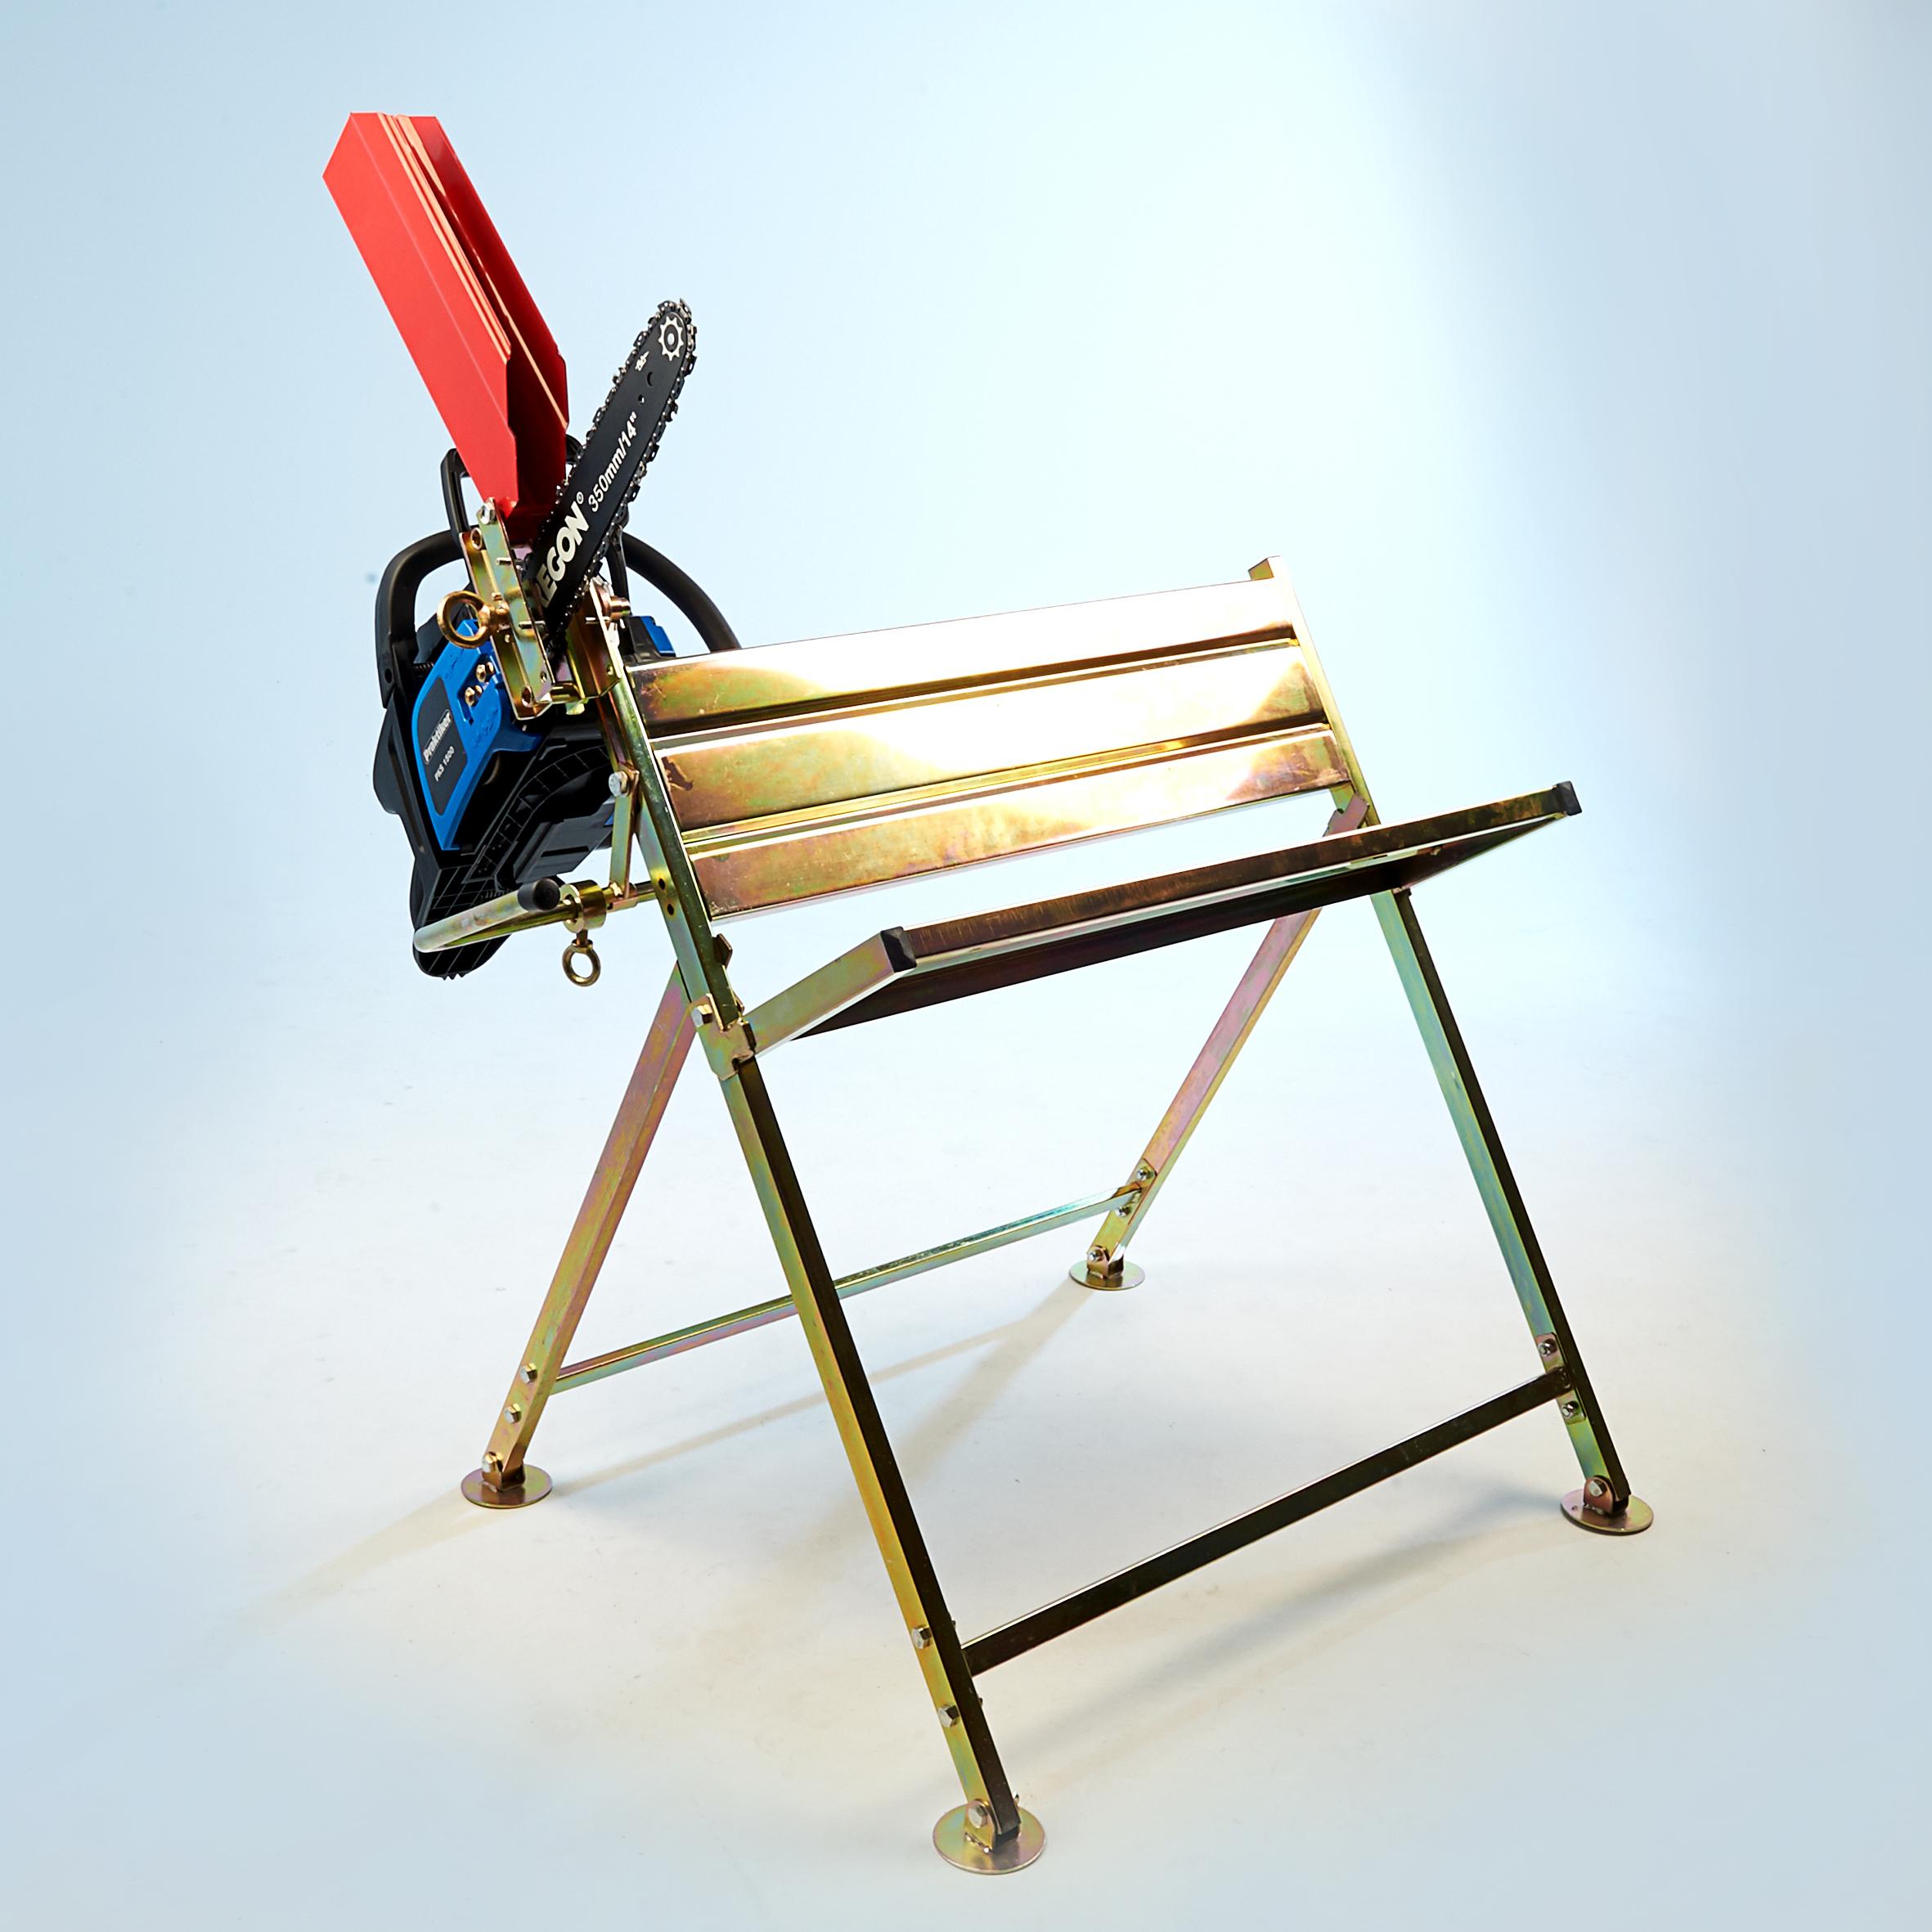 s gebock mit halterung f r kettens ge holzspalter brennholz bock holzs gebock ebay. Black Bedroom Furniture Sets. Home Design Ideas